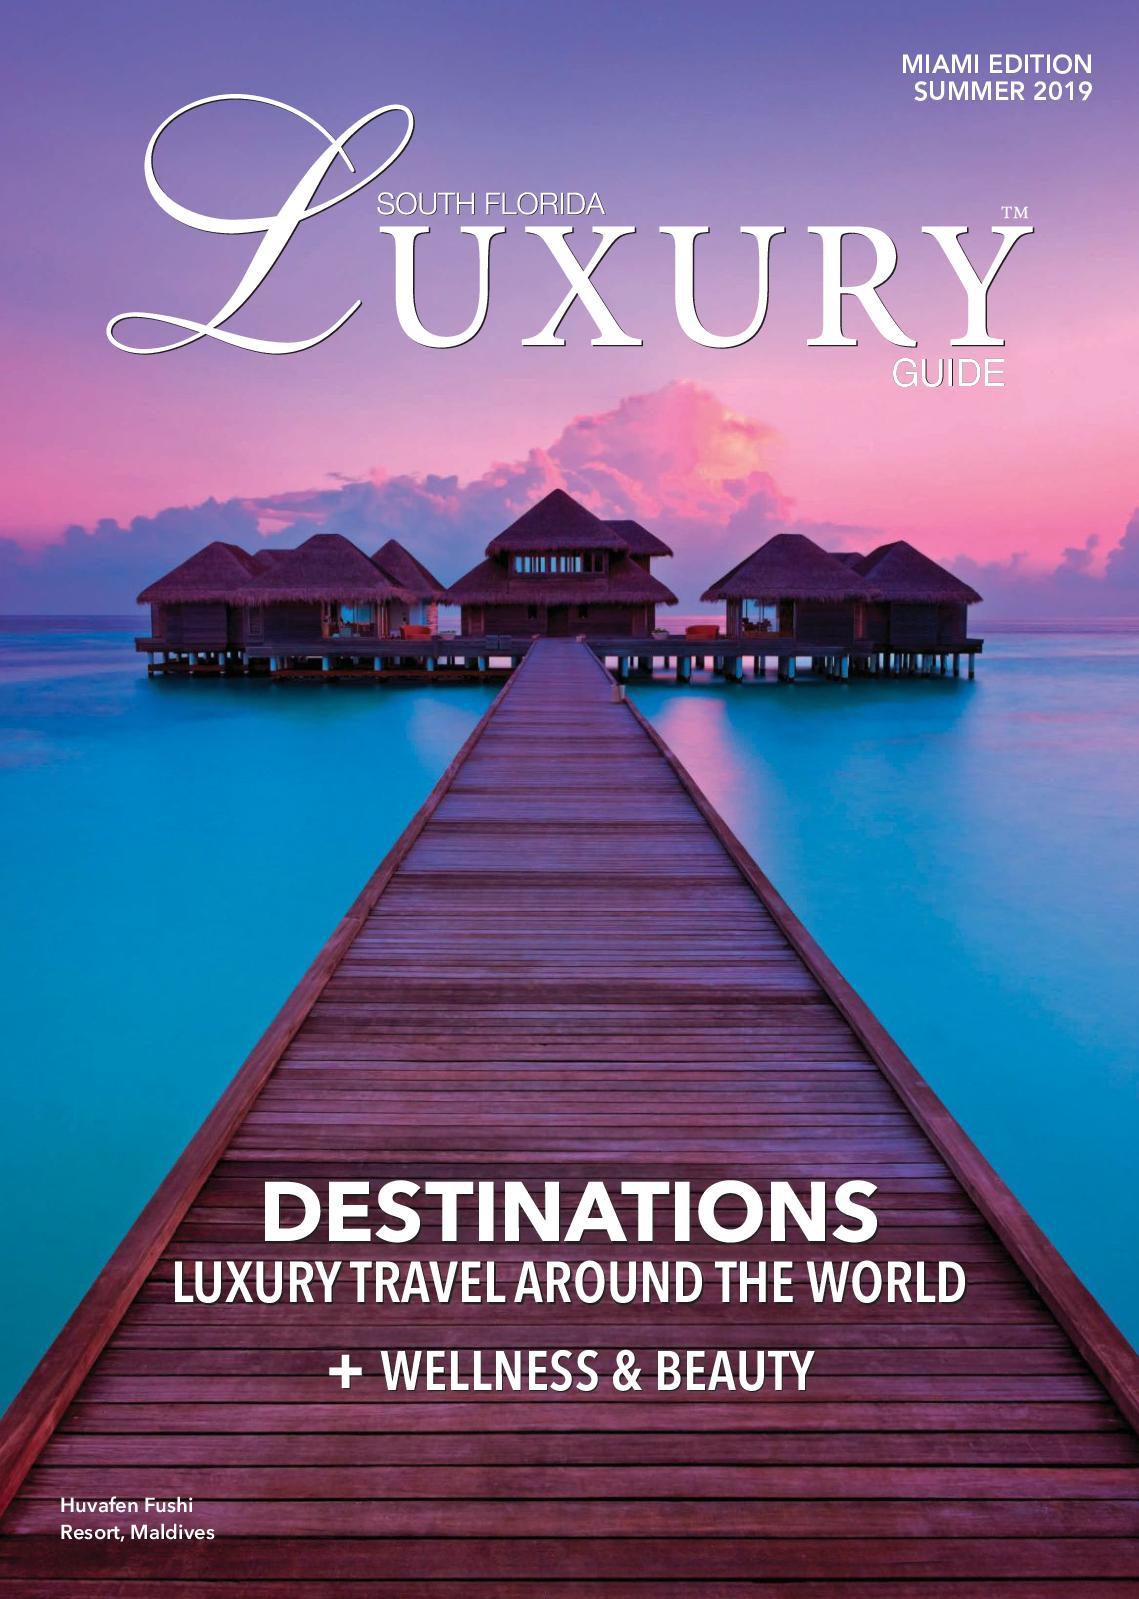 d2990b4f2f Calaméo - Luxury Magazine Summer 2019